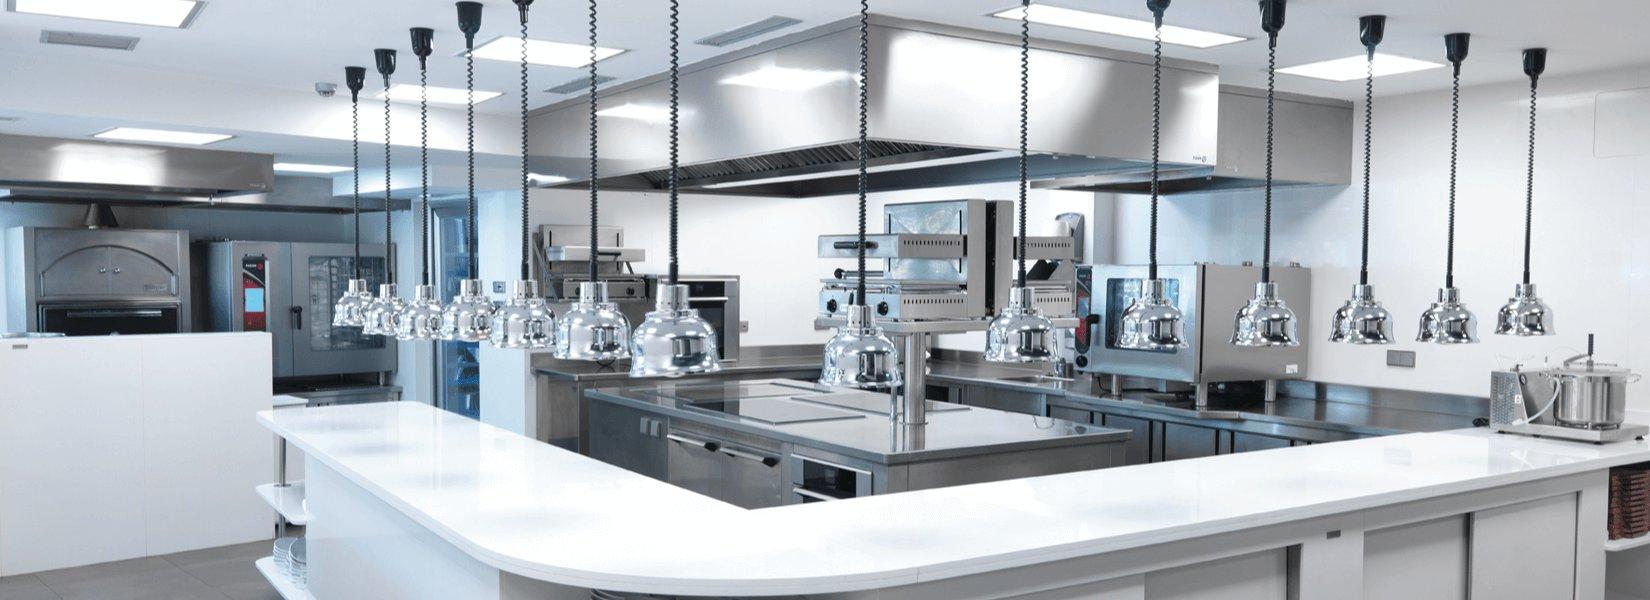 Limpieza de sistemas de extracción de humos en cocinas industriales